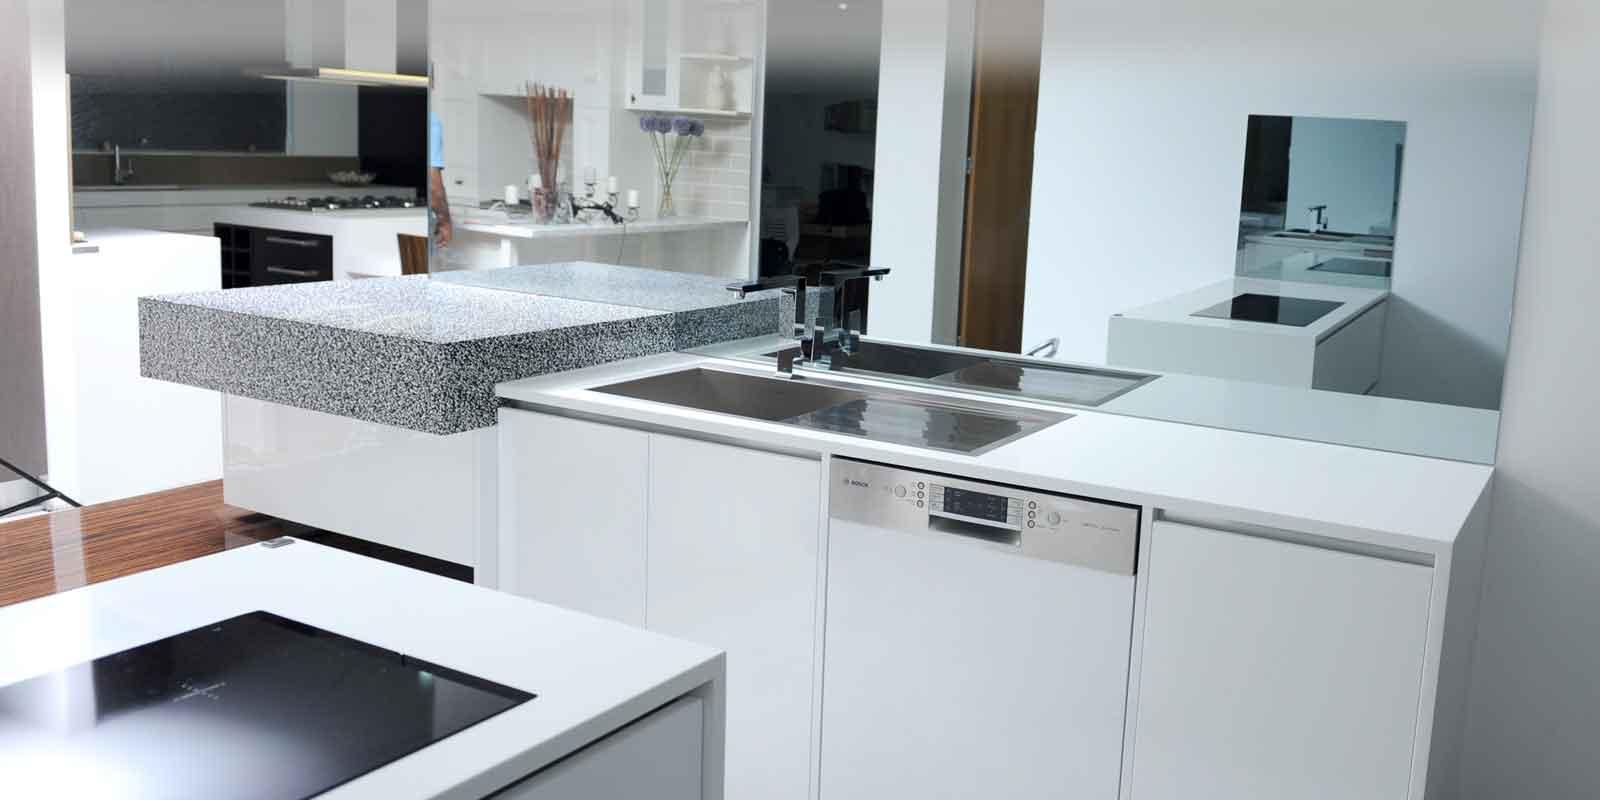 kitchen renovation services Sydney